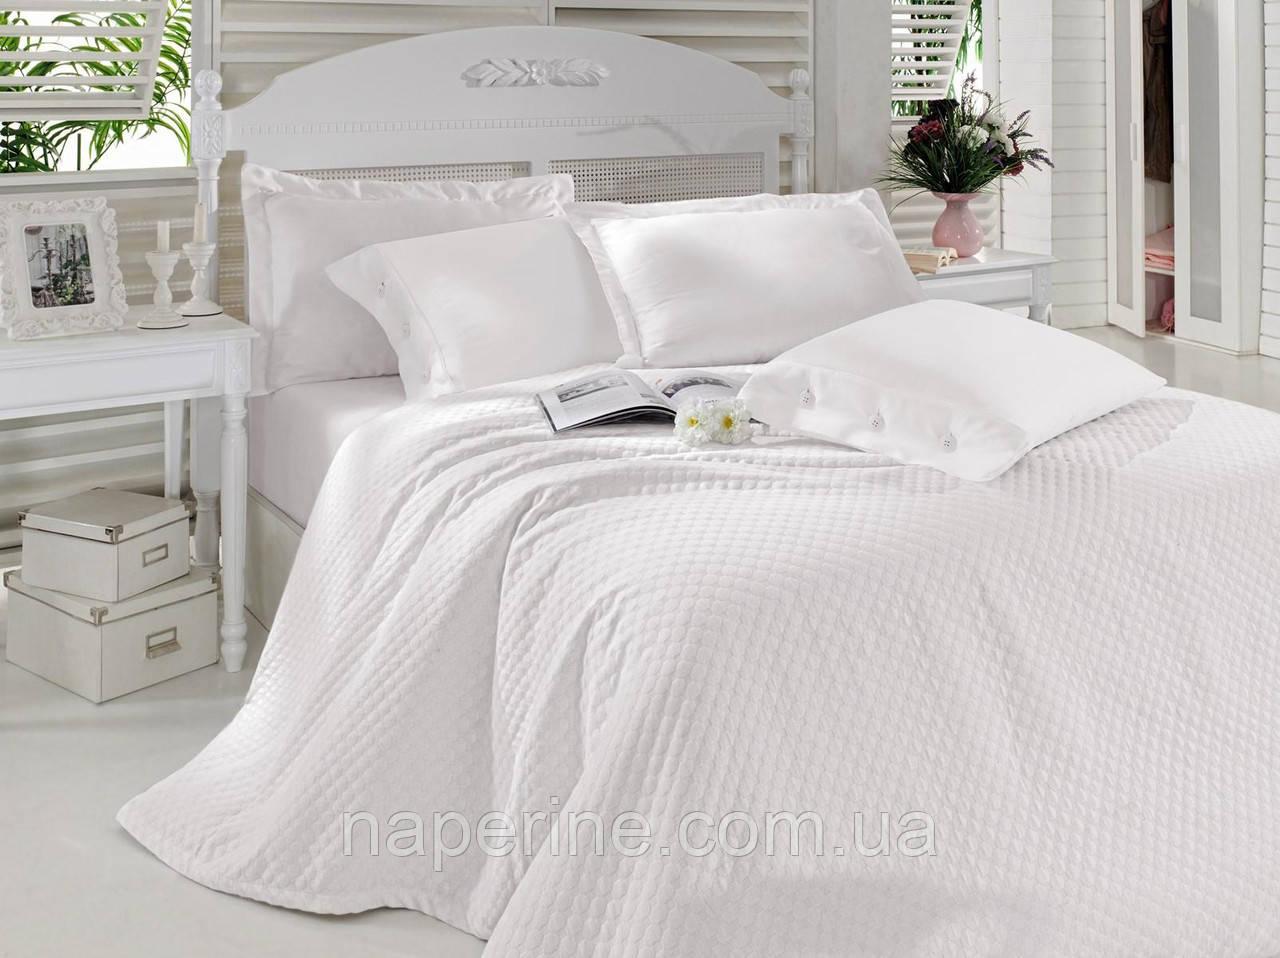 Постельное белье с покрывалом Cotton box Сатин пике Beyaz white